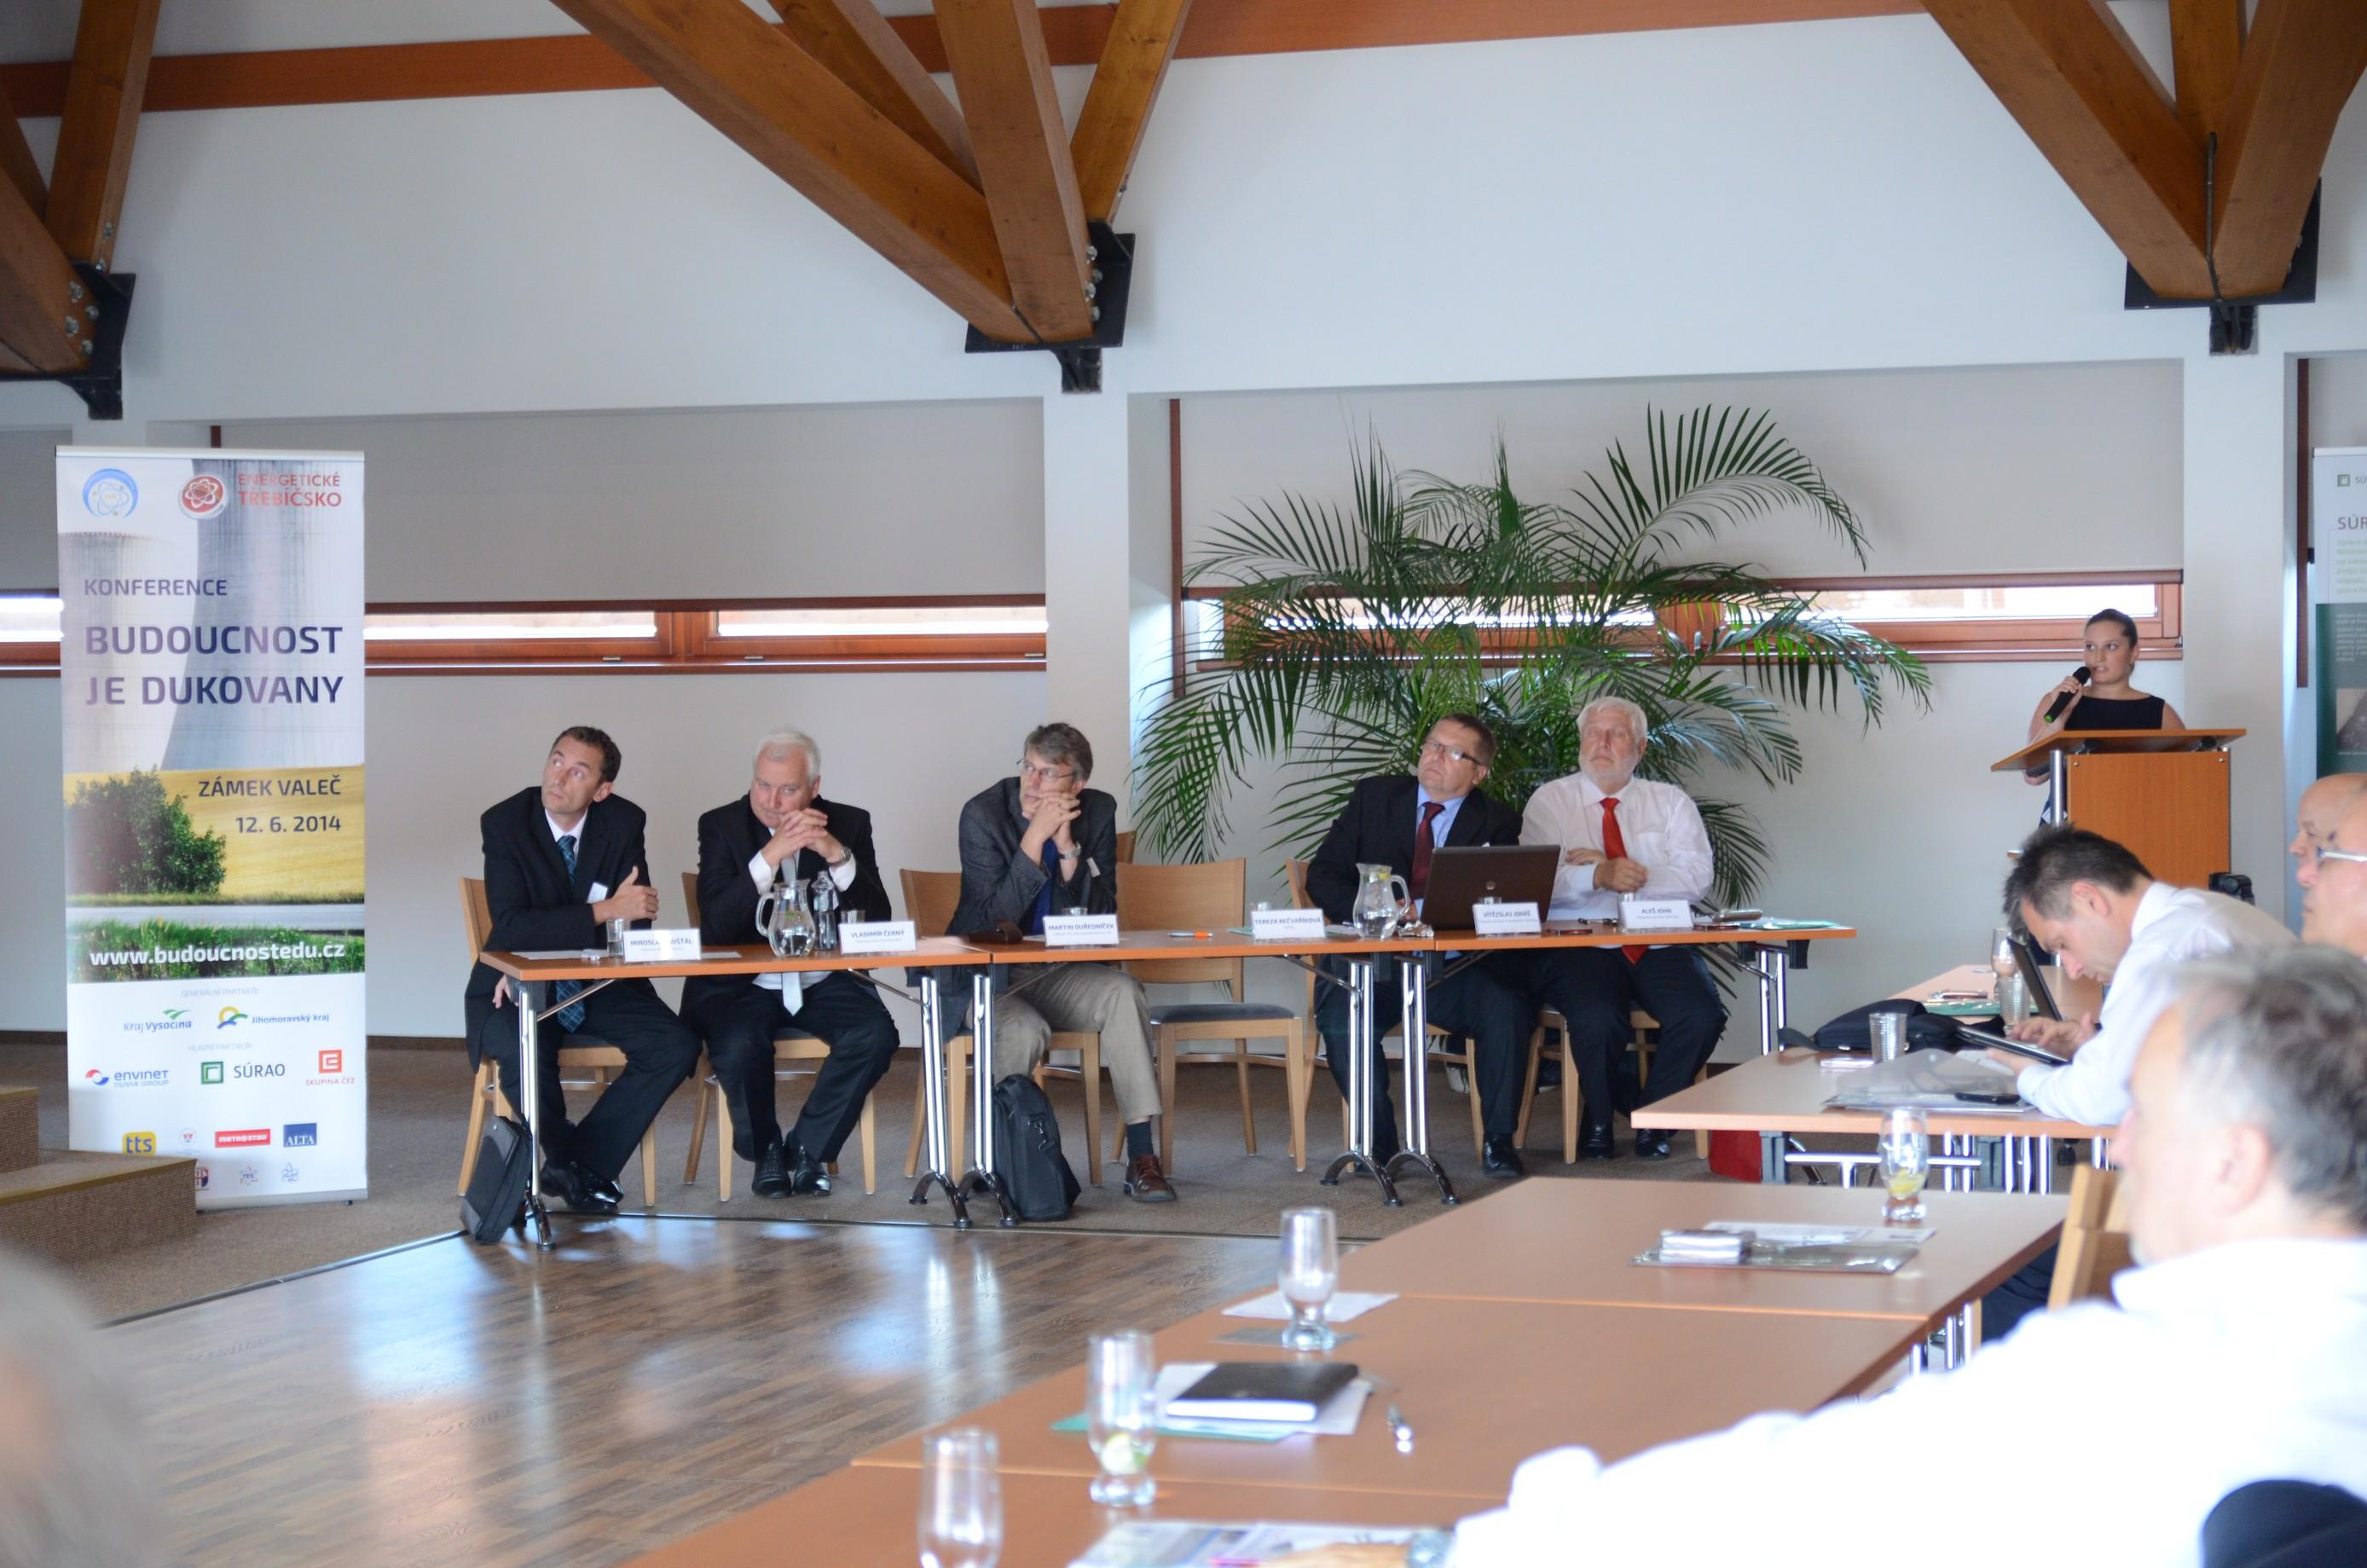 Zpráva zkonference Budoucnost JE Dukovany je jasná: Obyvatelé Vysočiny dostavbu elektrárny chtějí!